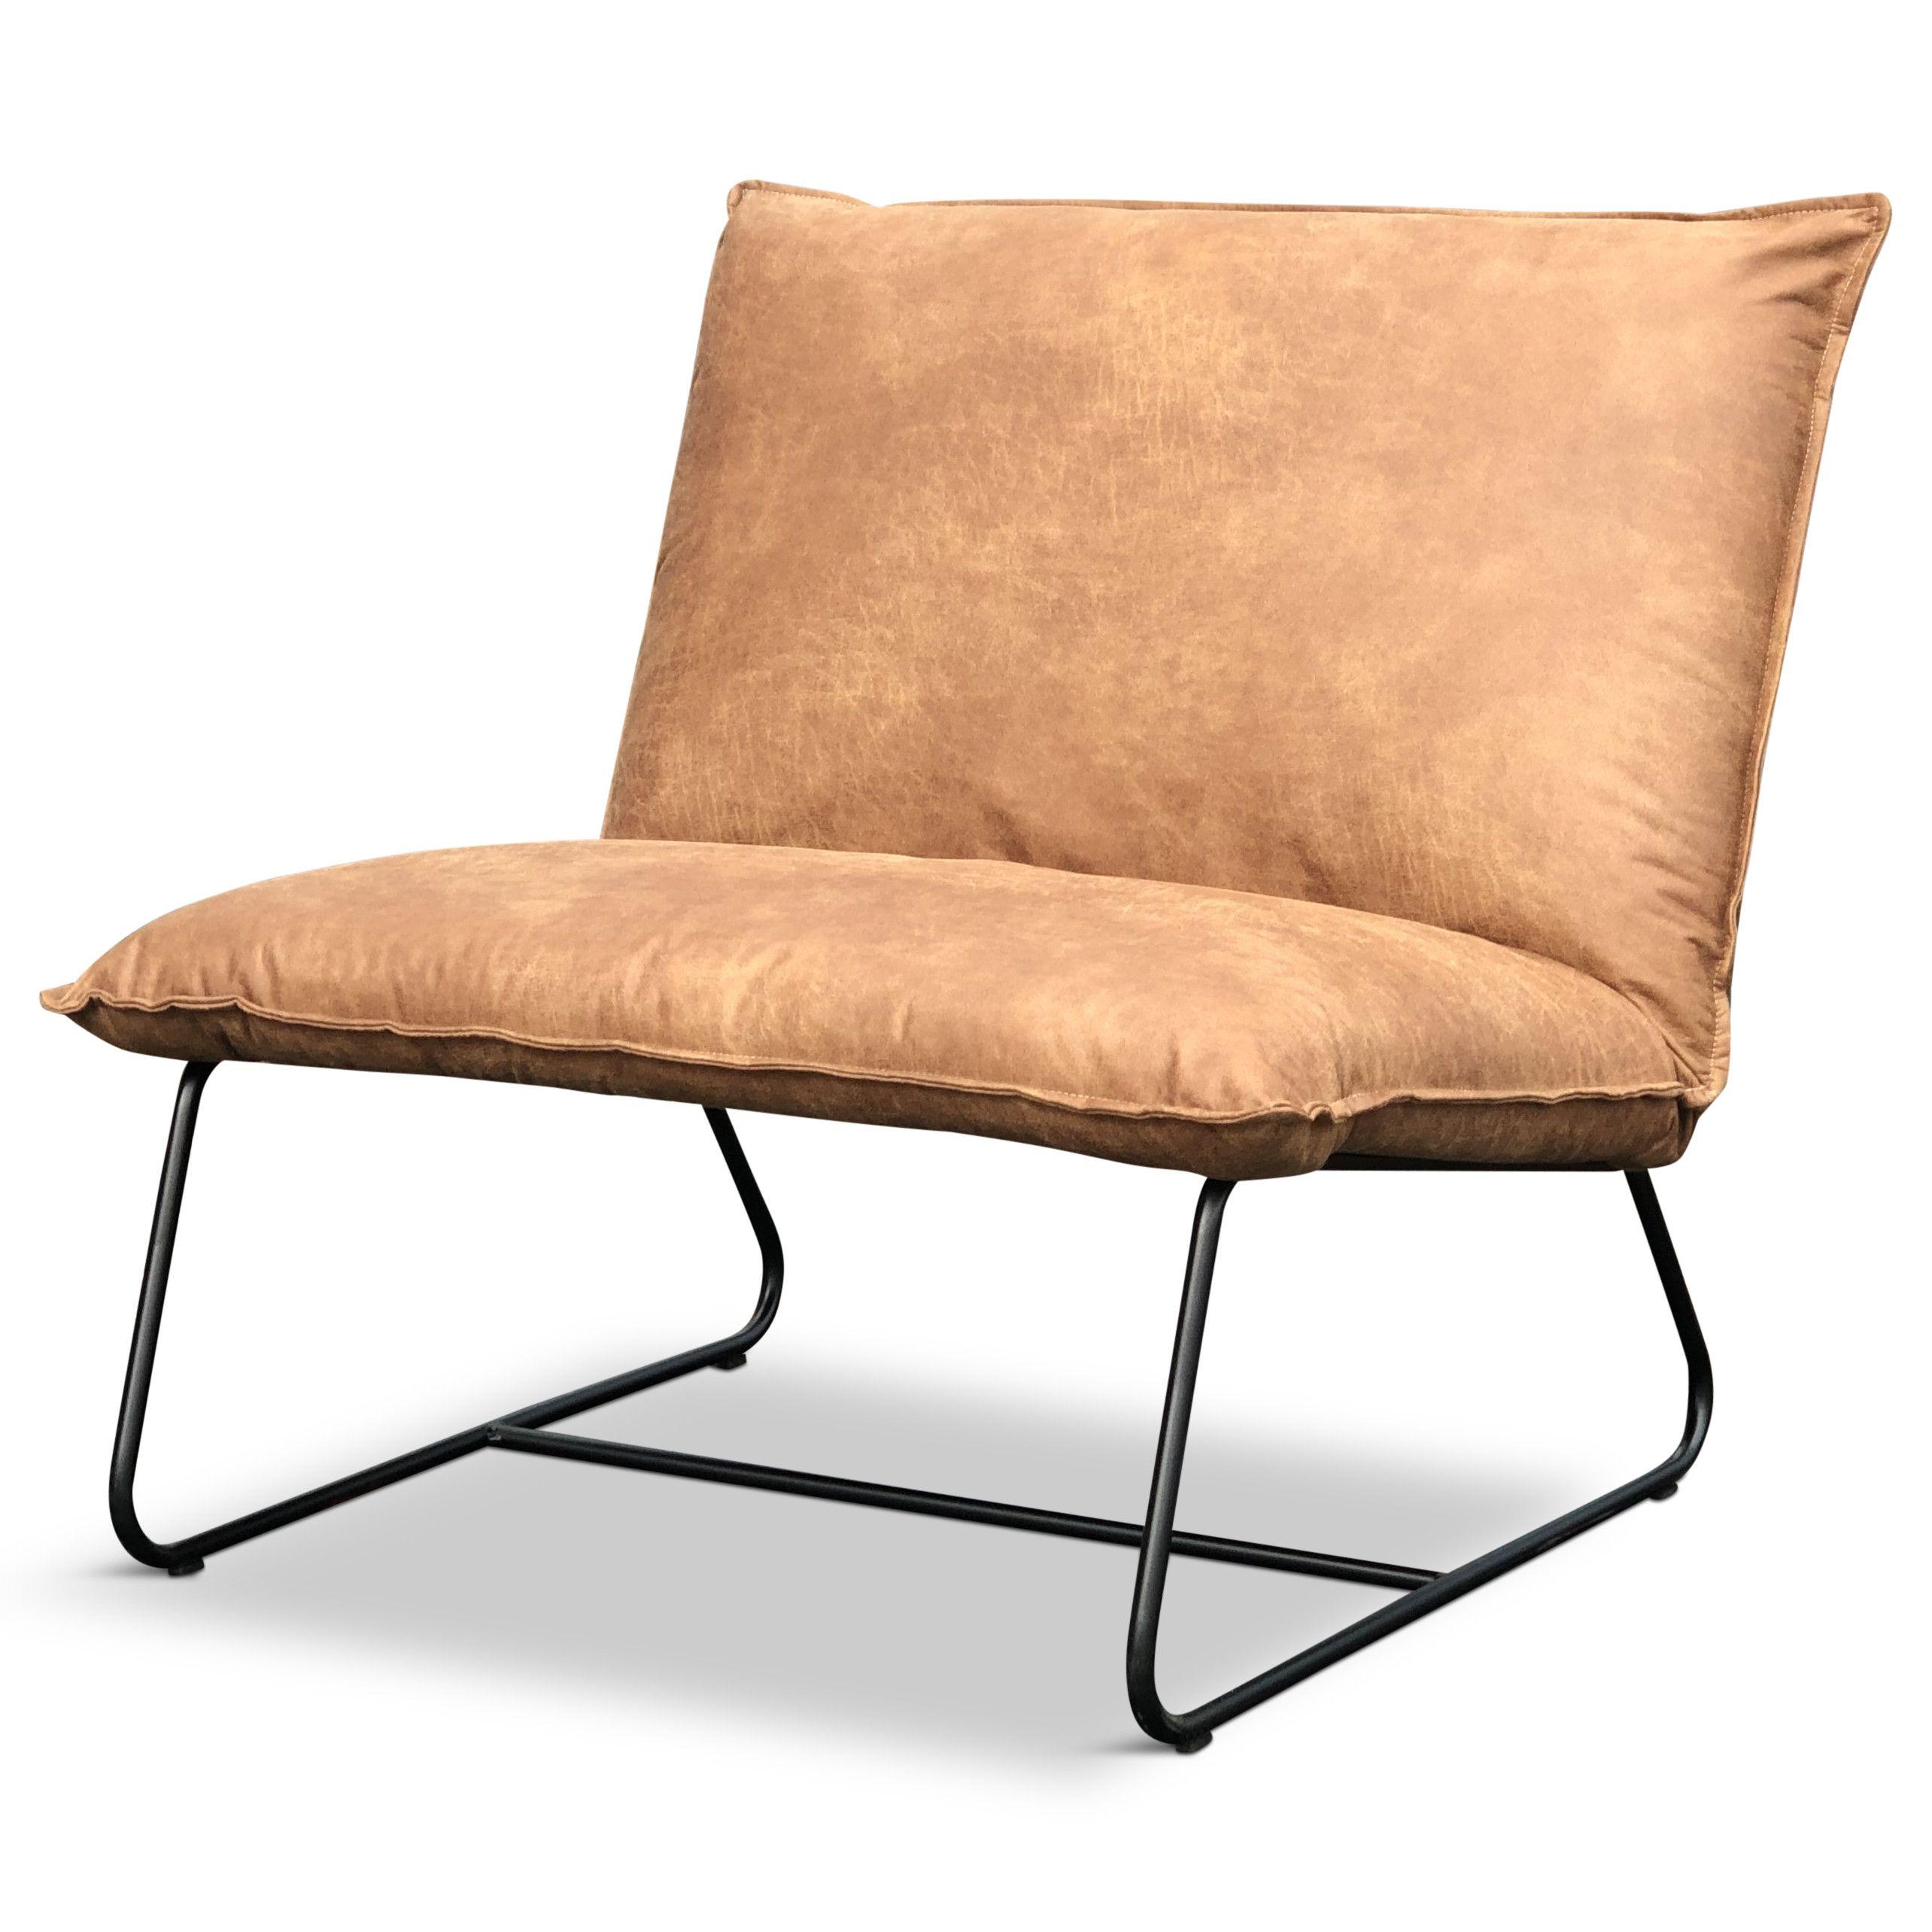 Leren Lounge Fauteuil.Lounge Fauteuil Elton Ziet Er Fantastisch Uit Het Design